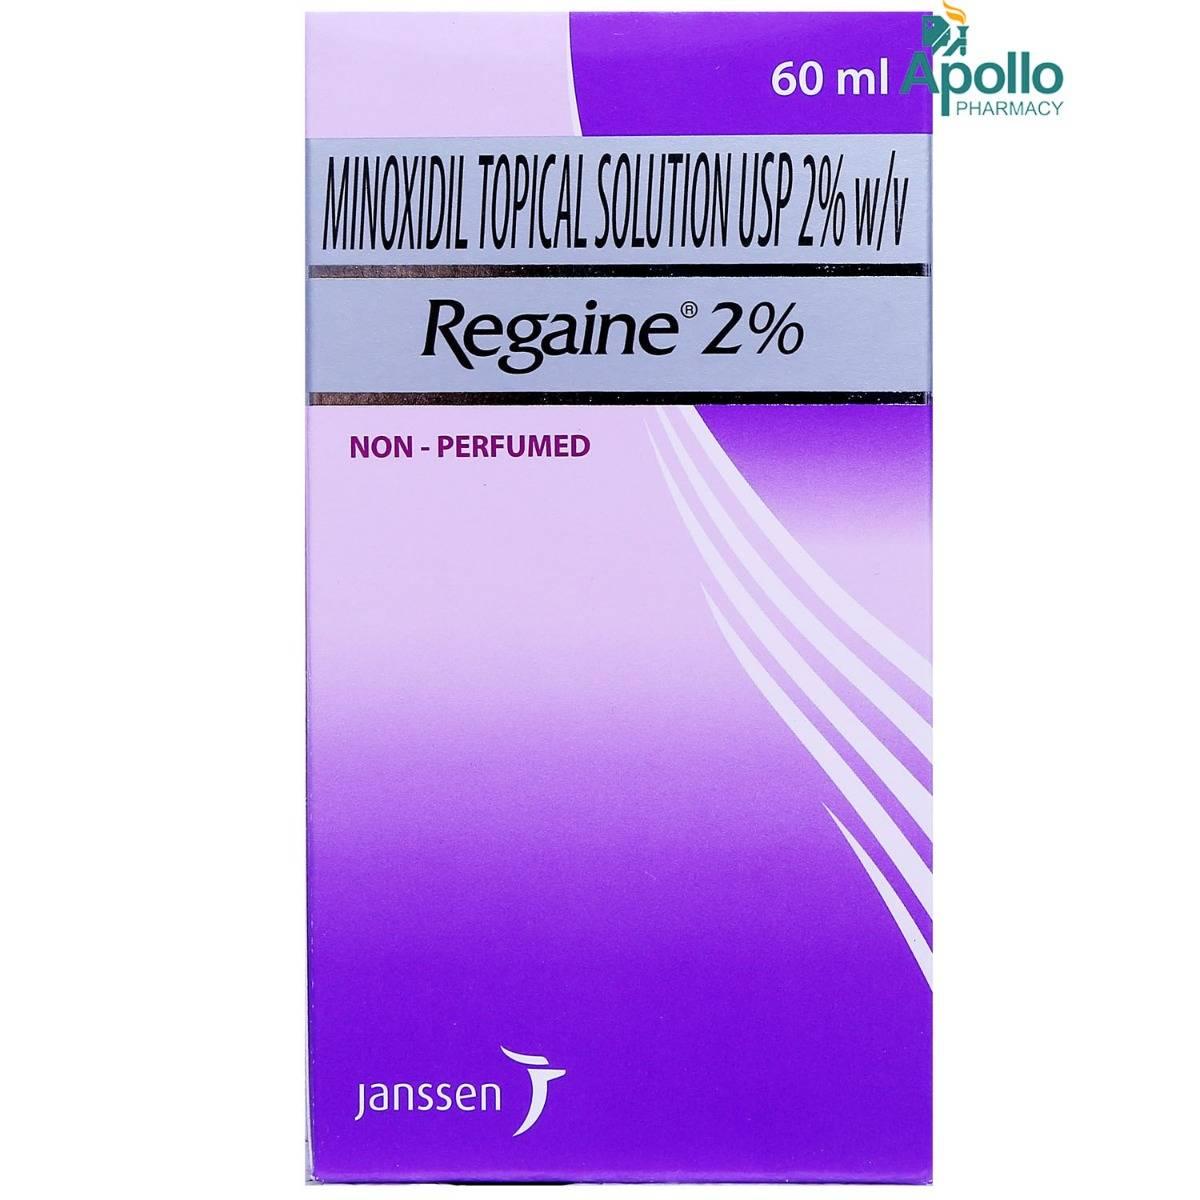 Regaine 2% Solution 60 ml